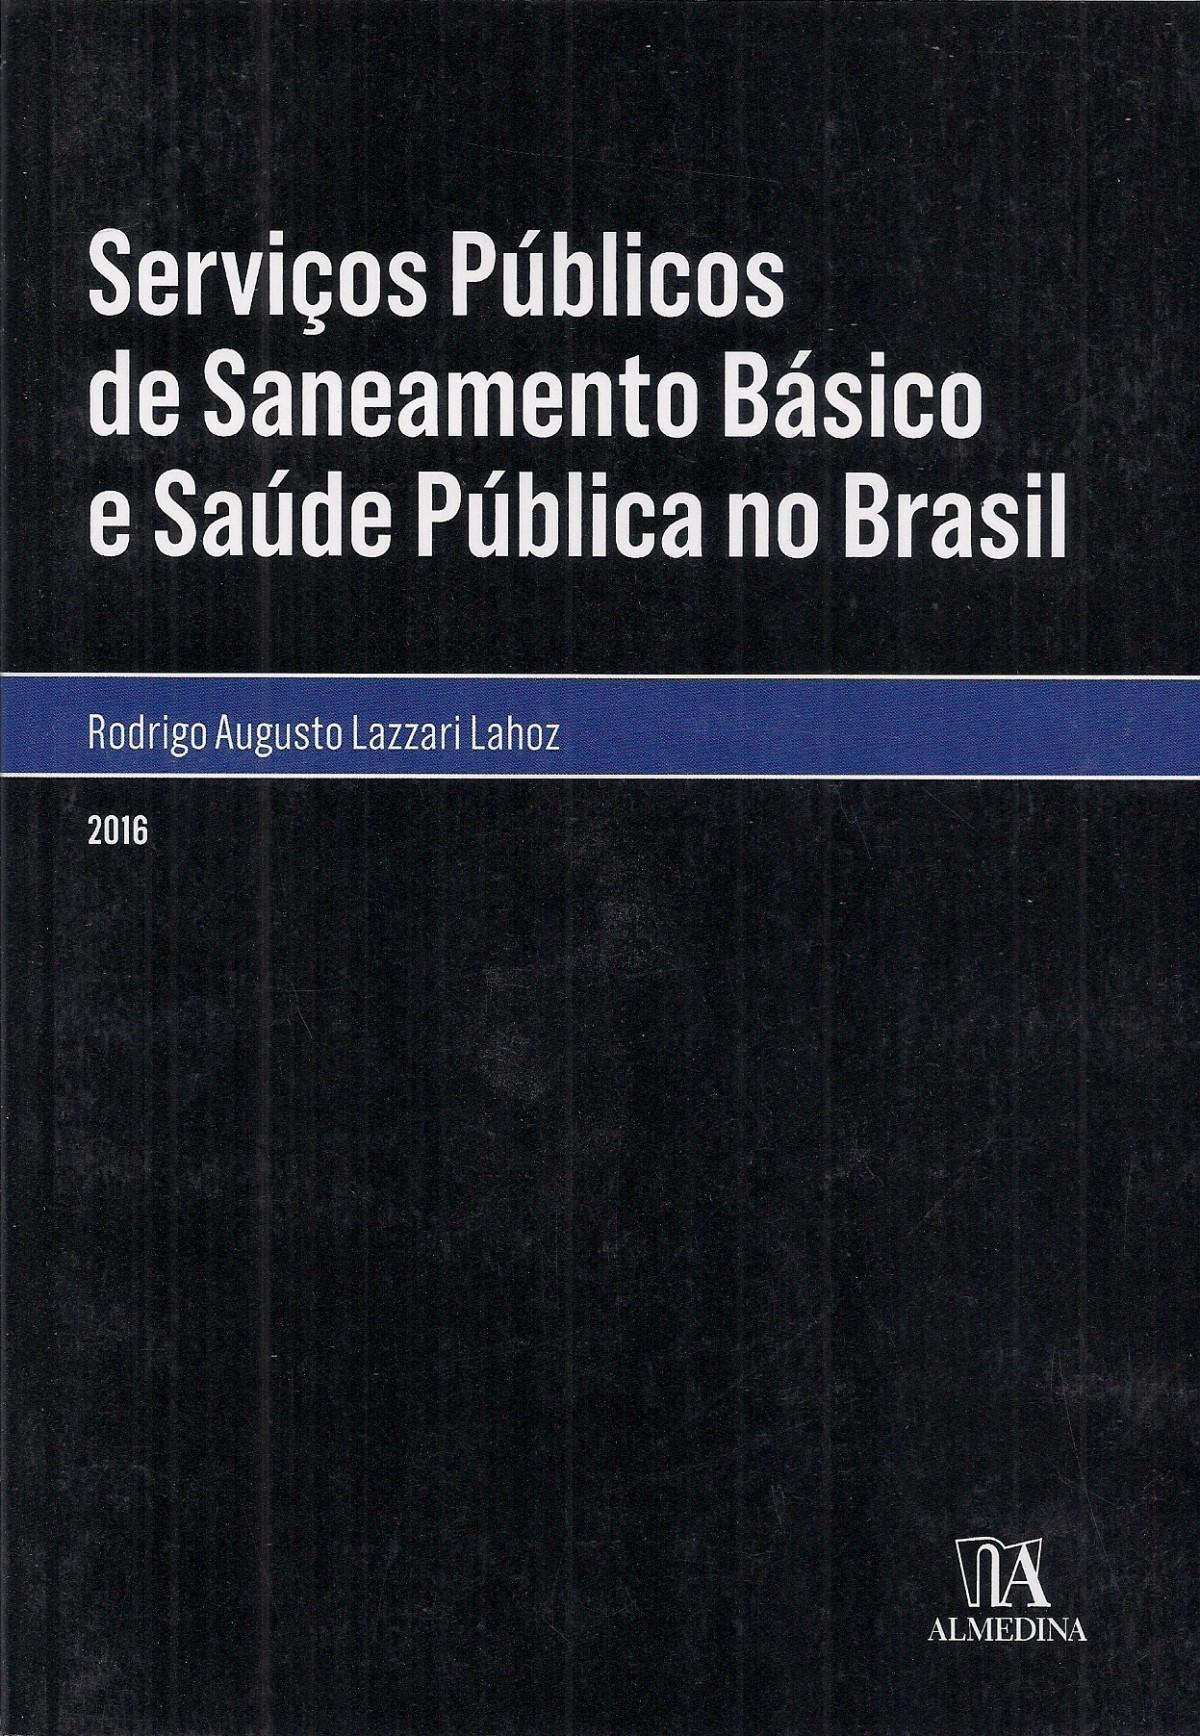 Foto 1 - Serviços públicos de Saneamento Básico e Saúde Pública no Brasil